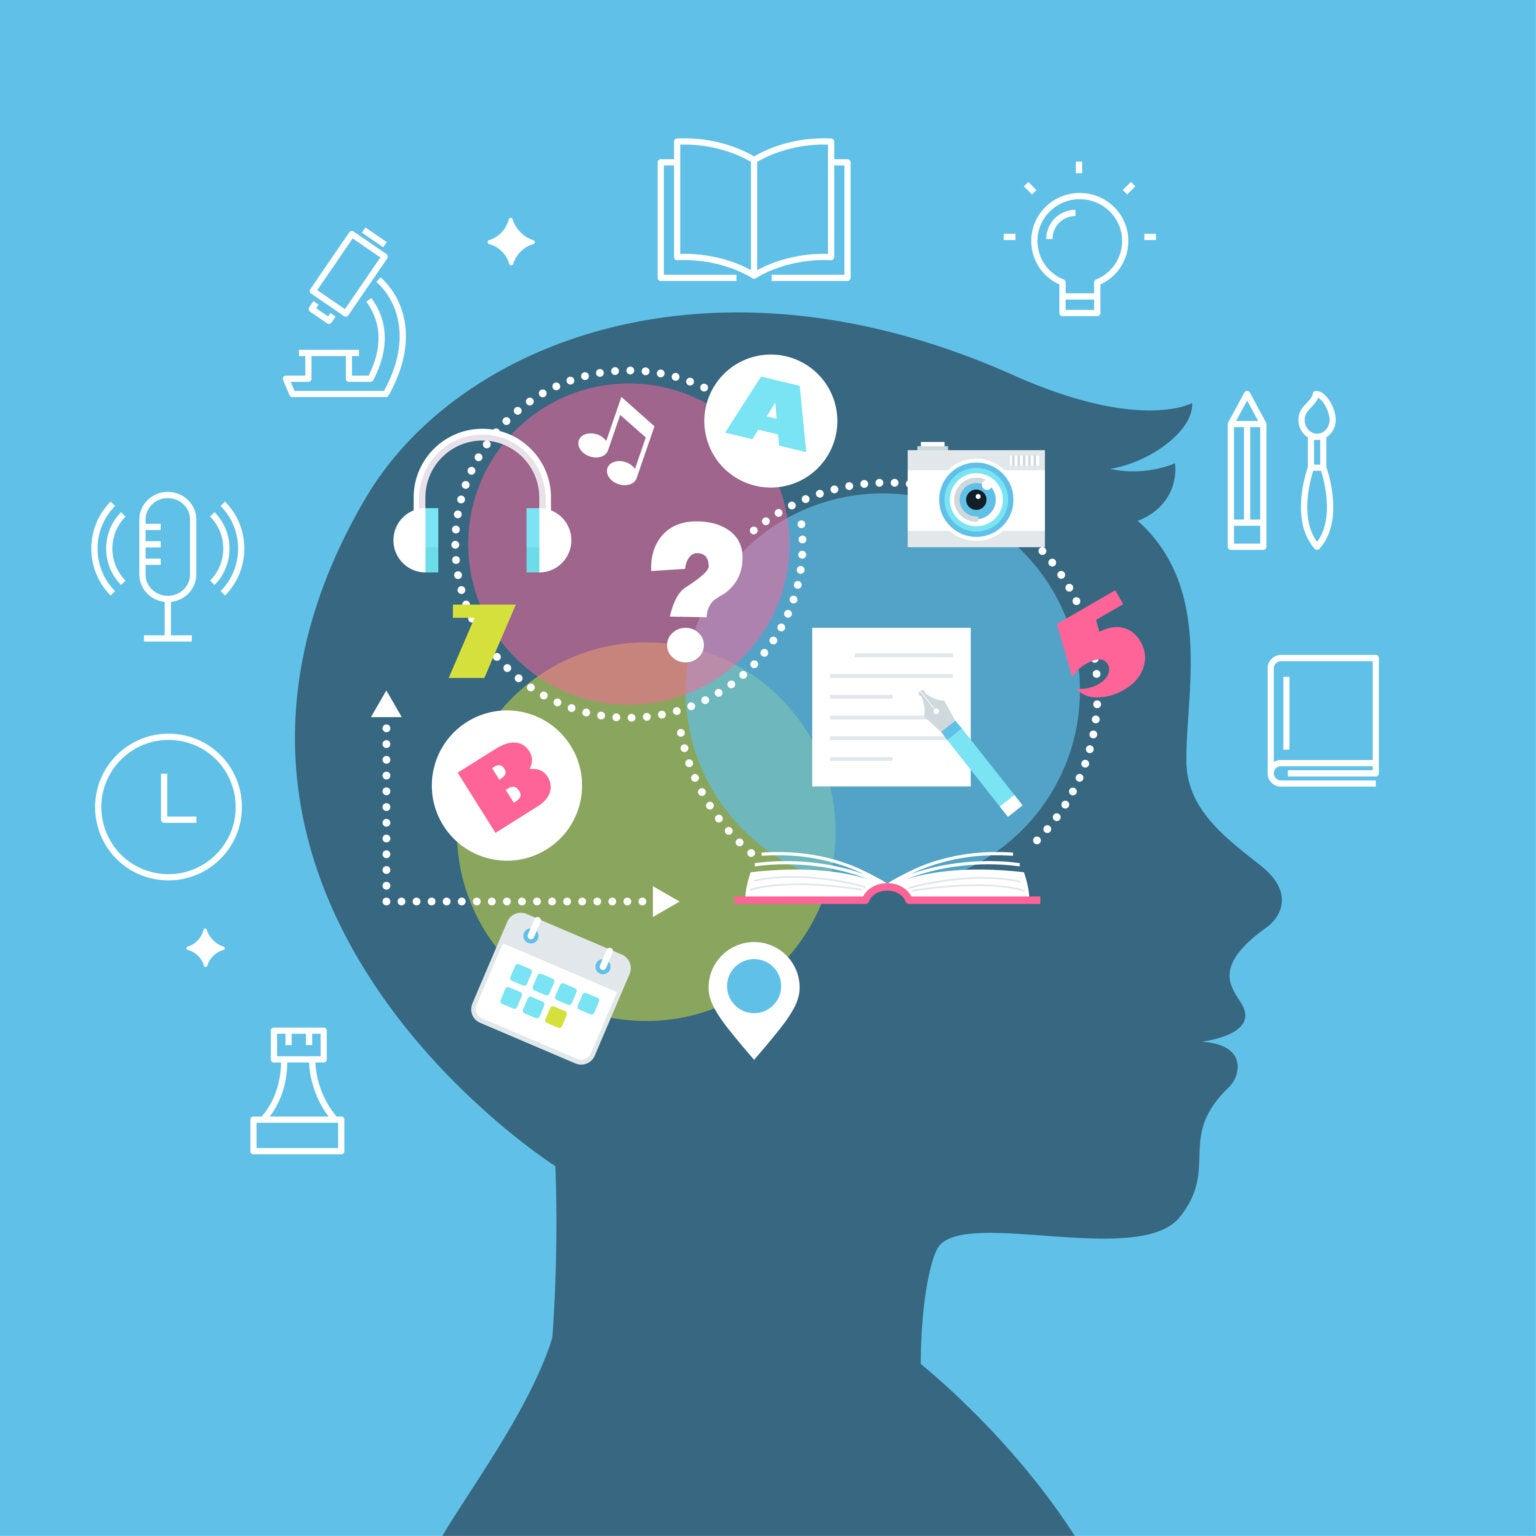 Cerebro y aprendizaje.